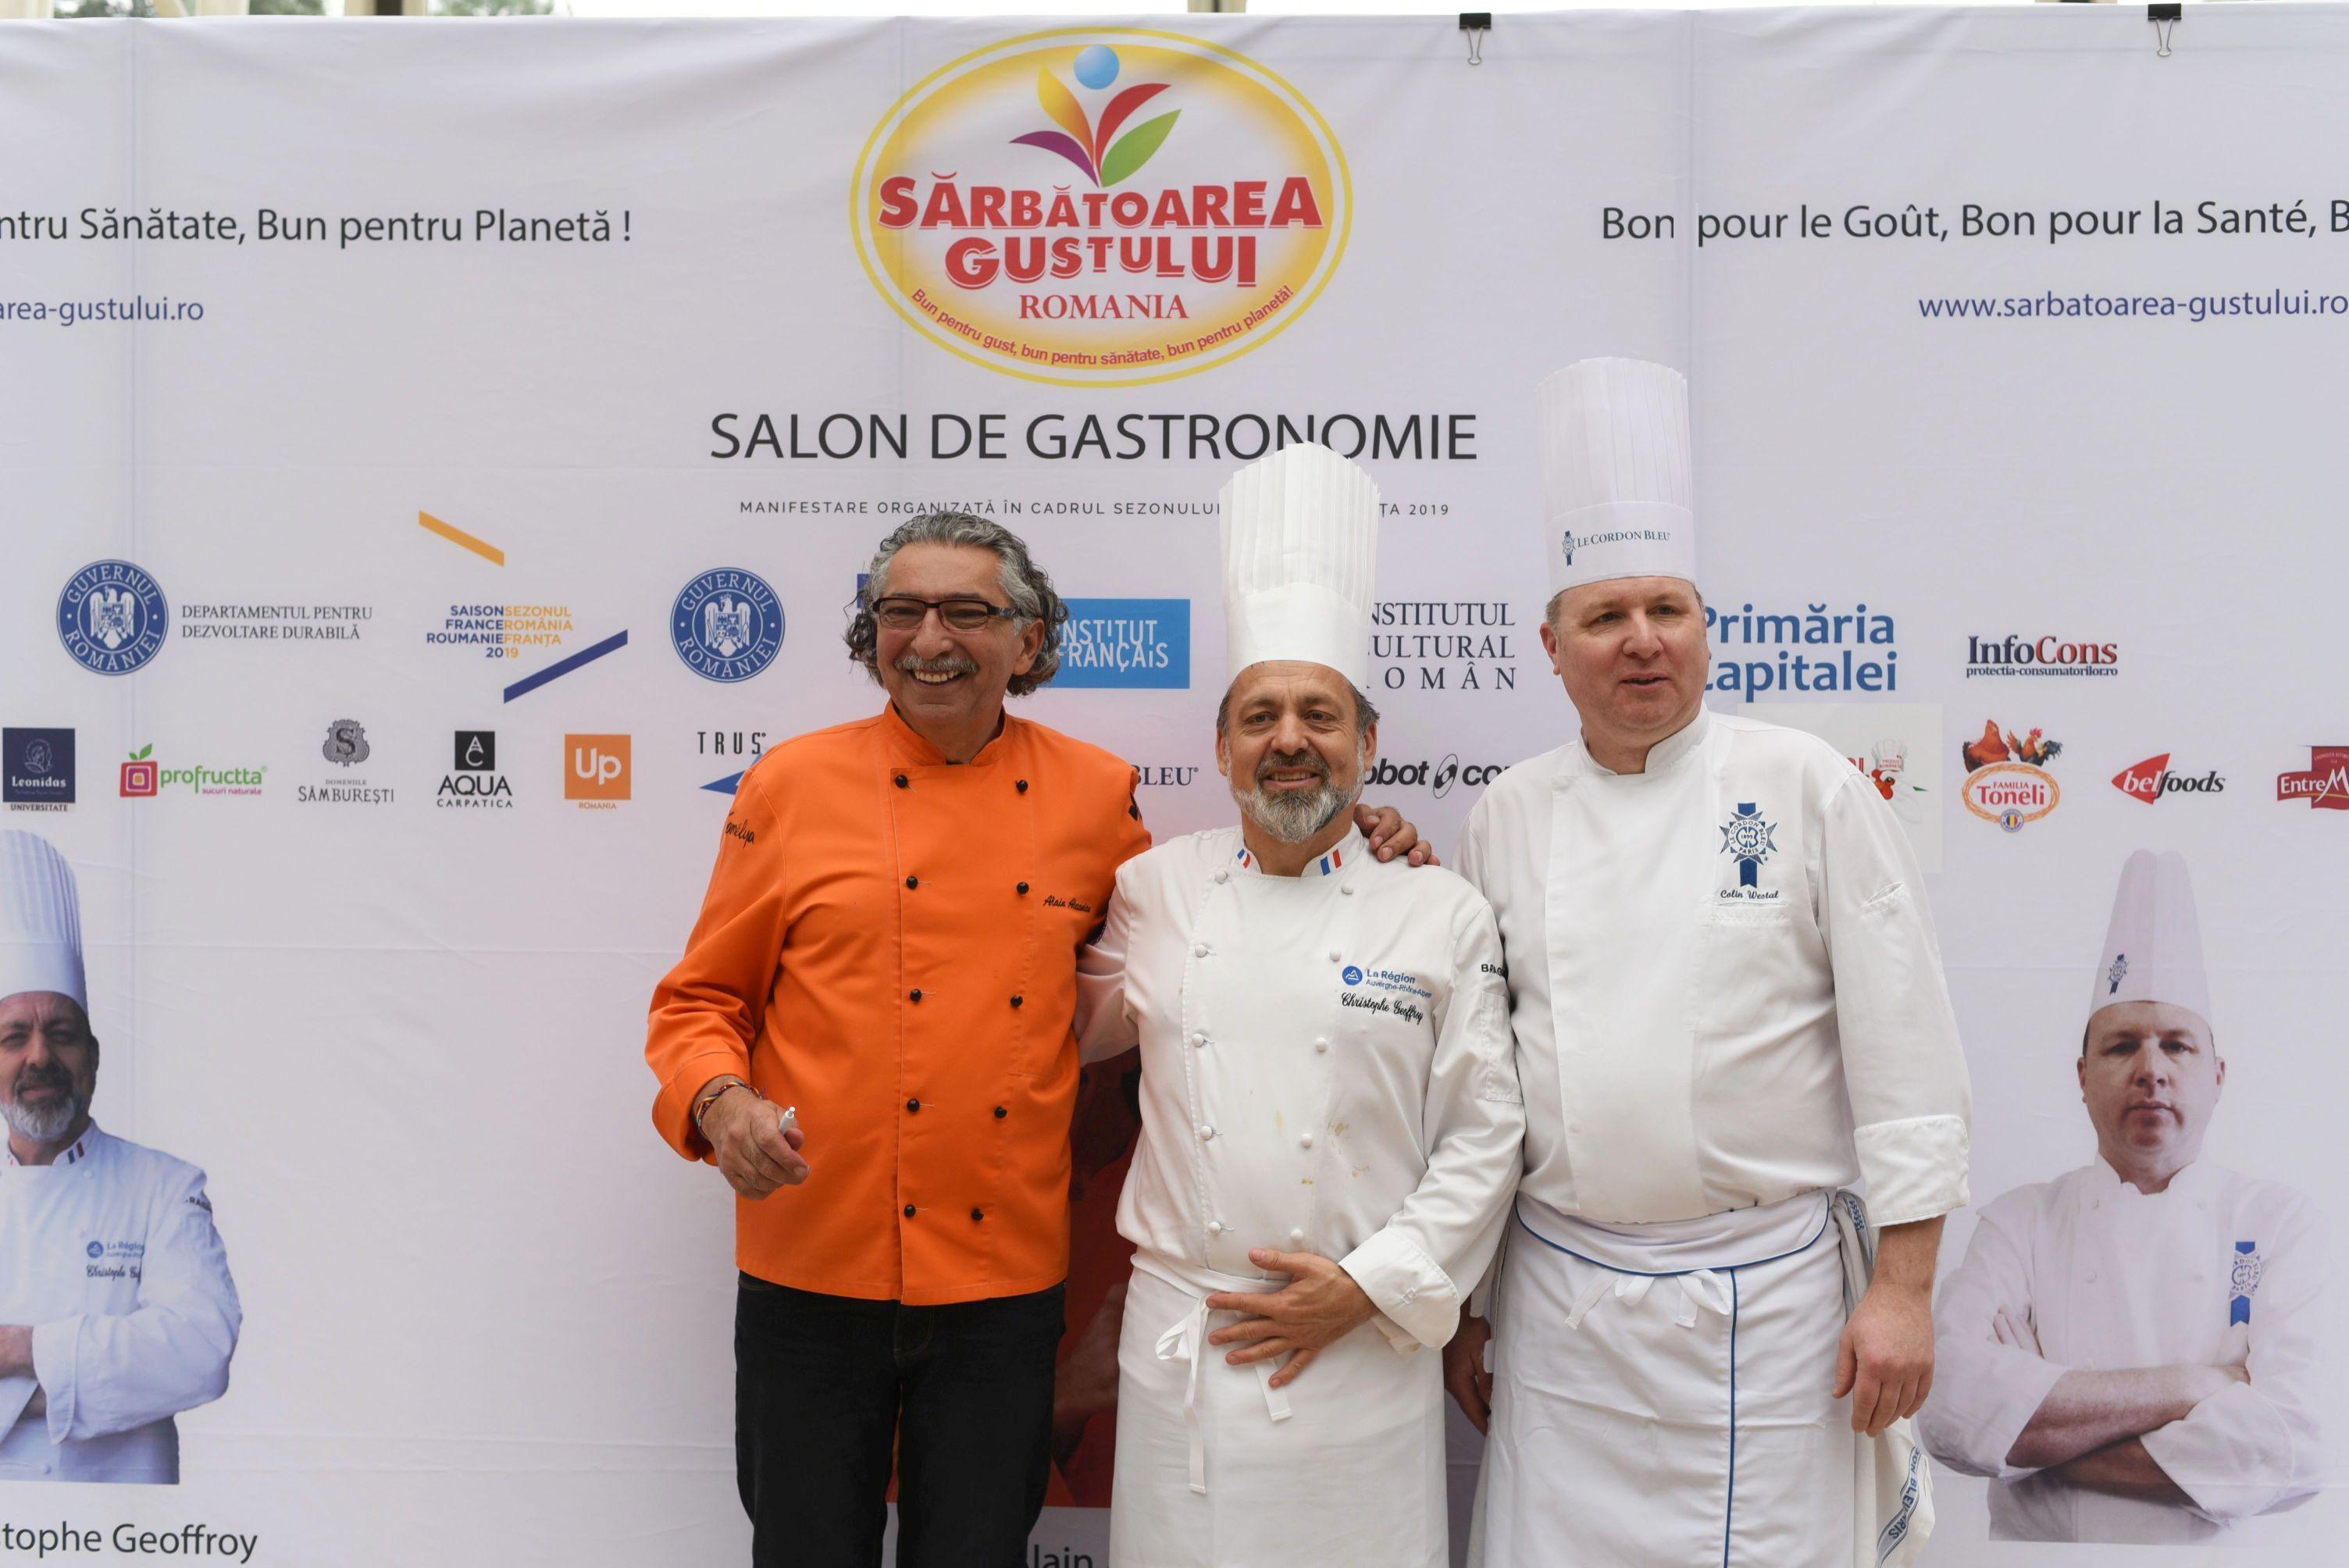 Sarbatoarea_Gustului_Salon_de_Gastronomie_39